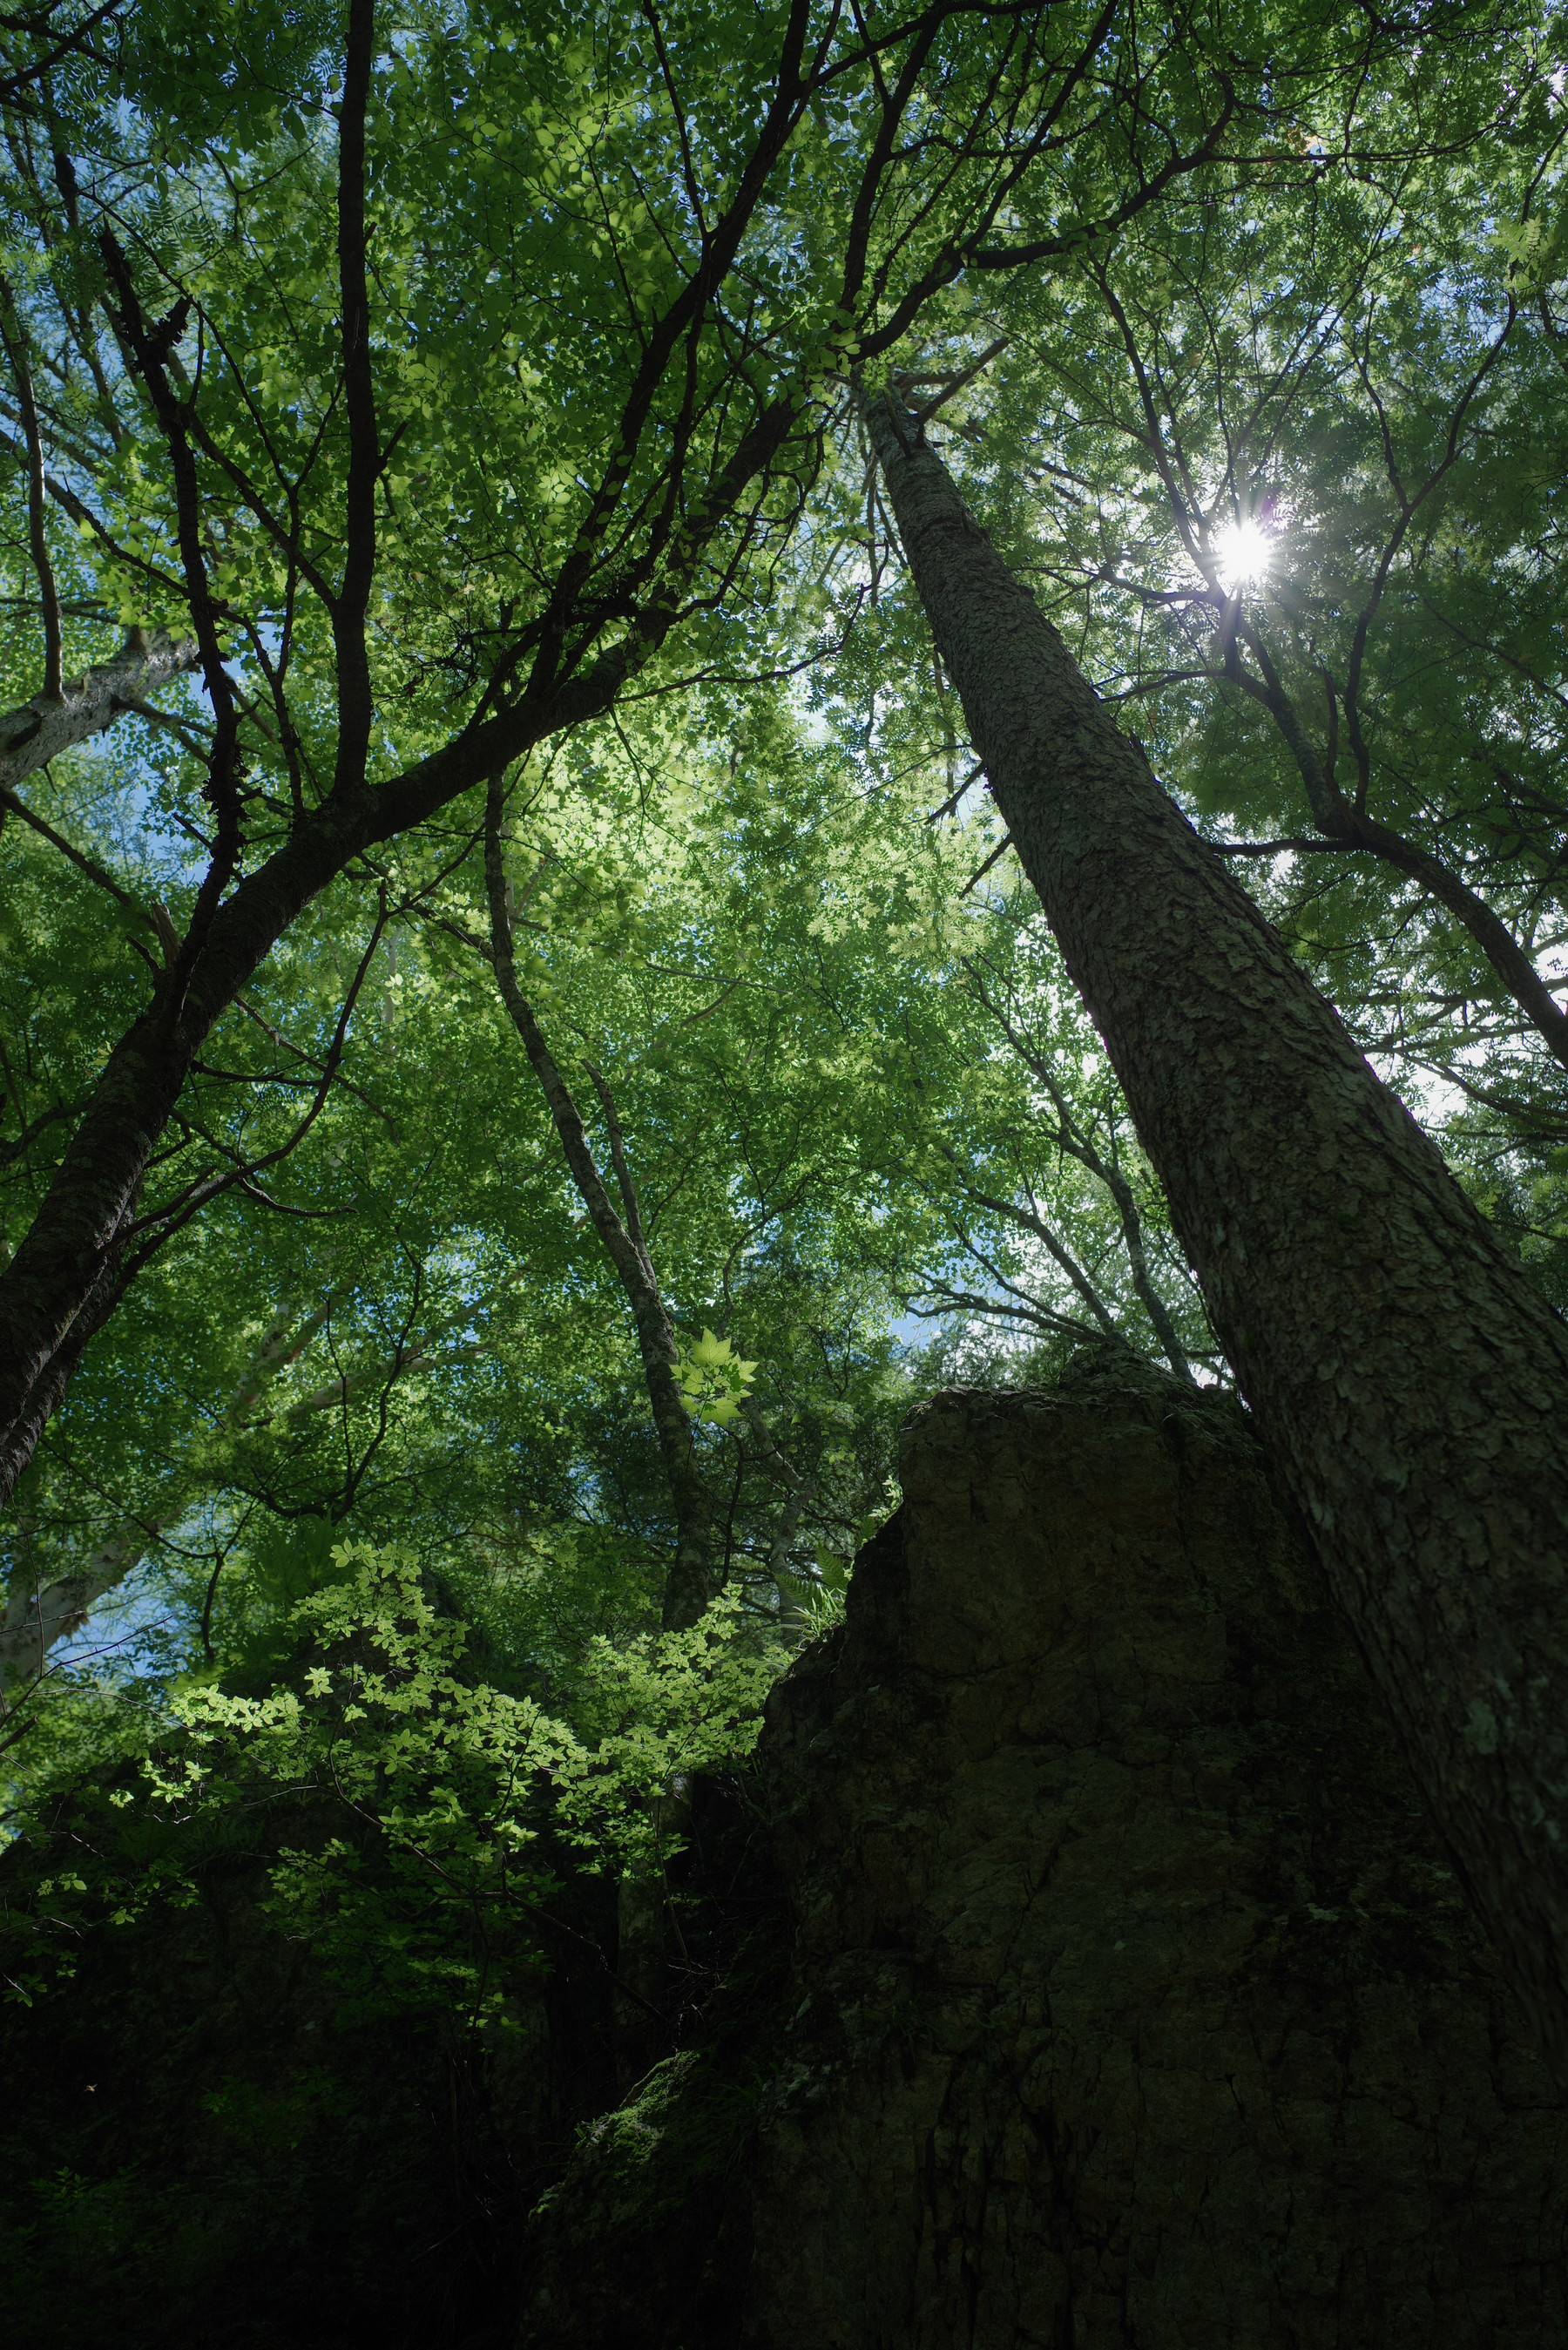 真夏の日差しが彩る森の緑の作例写真